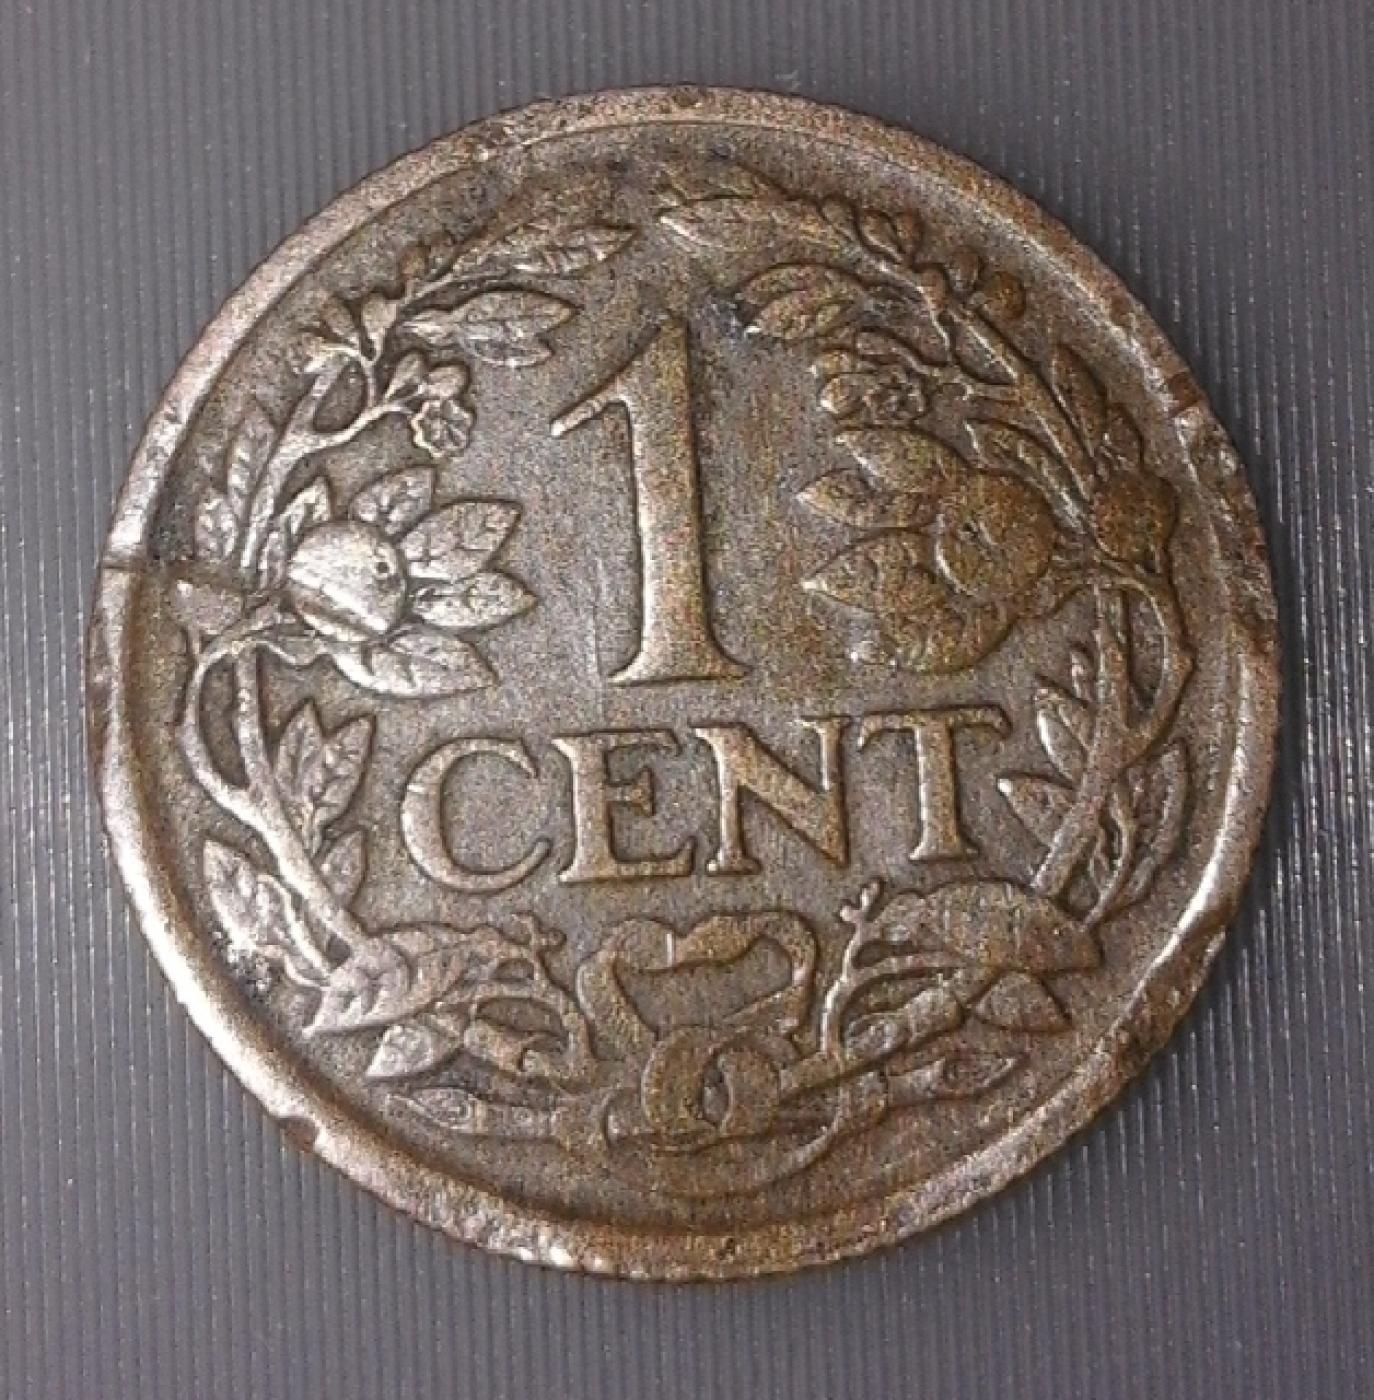 1897 coin